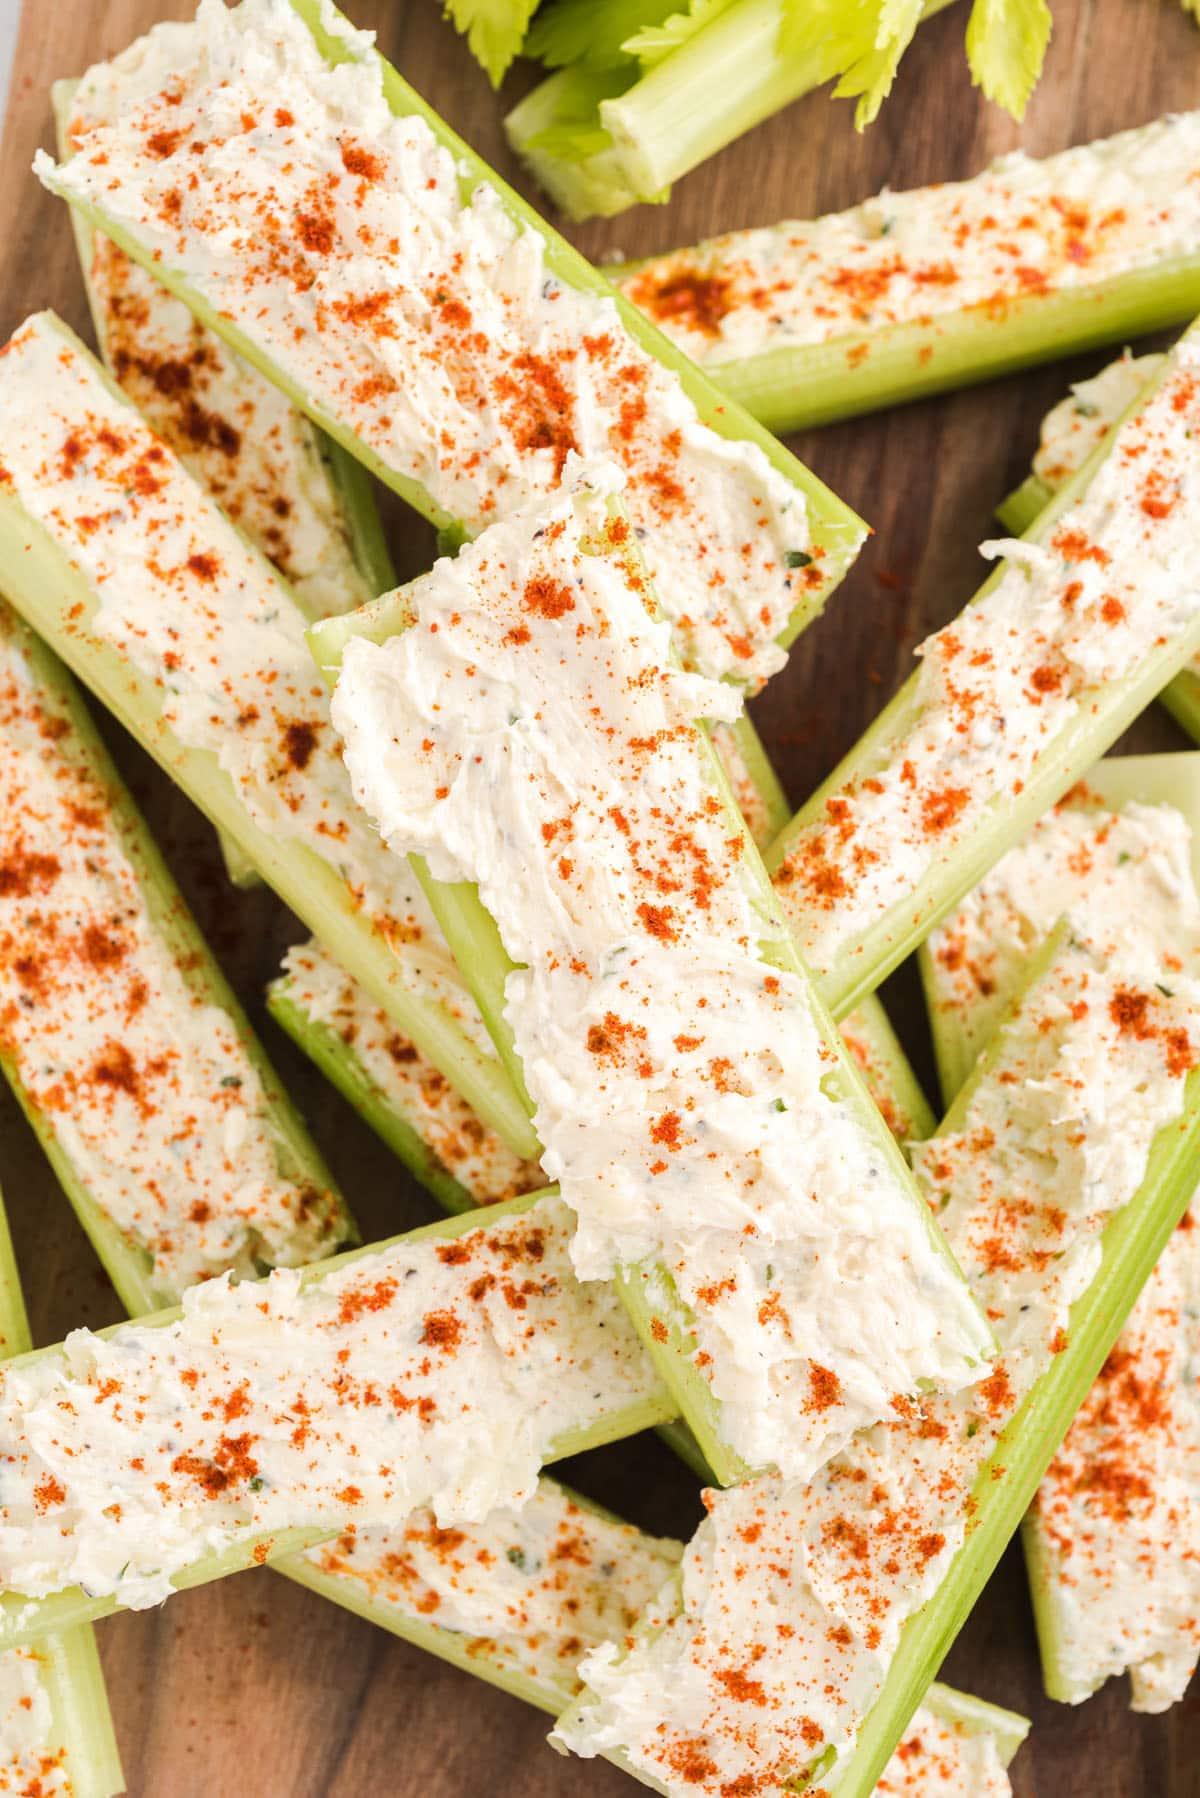 Stuffed Celery hero image